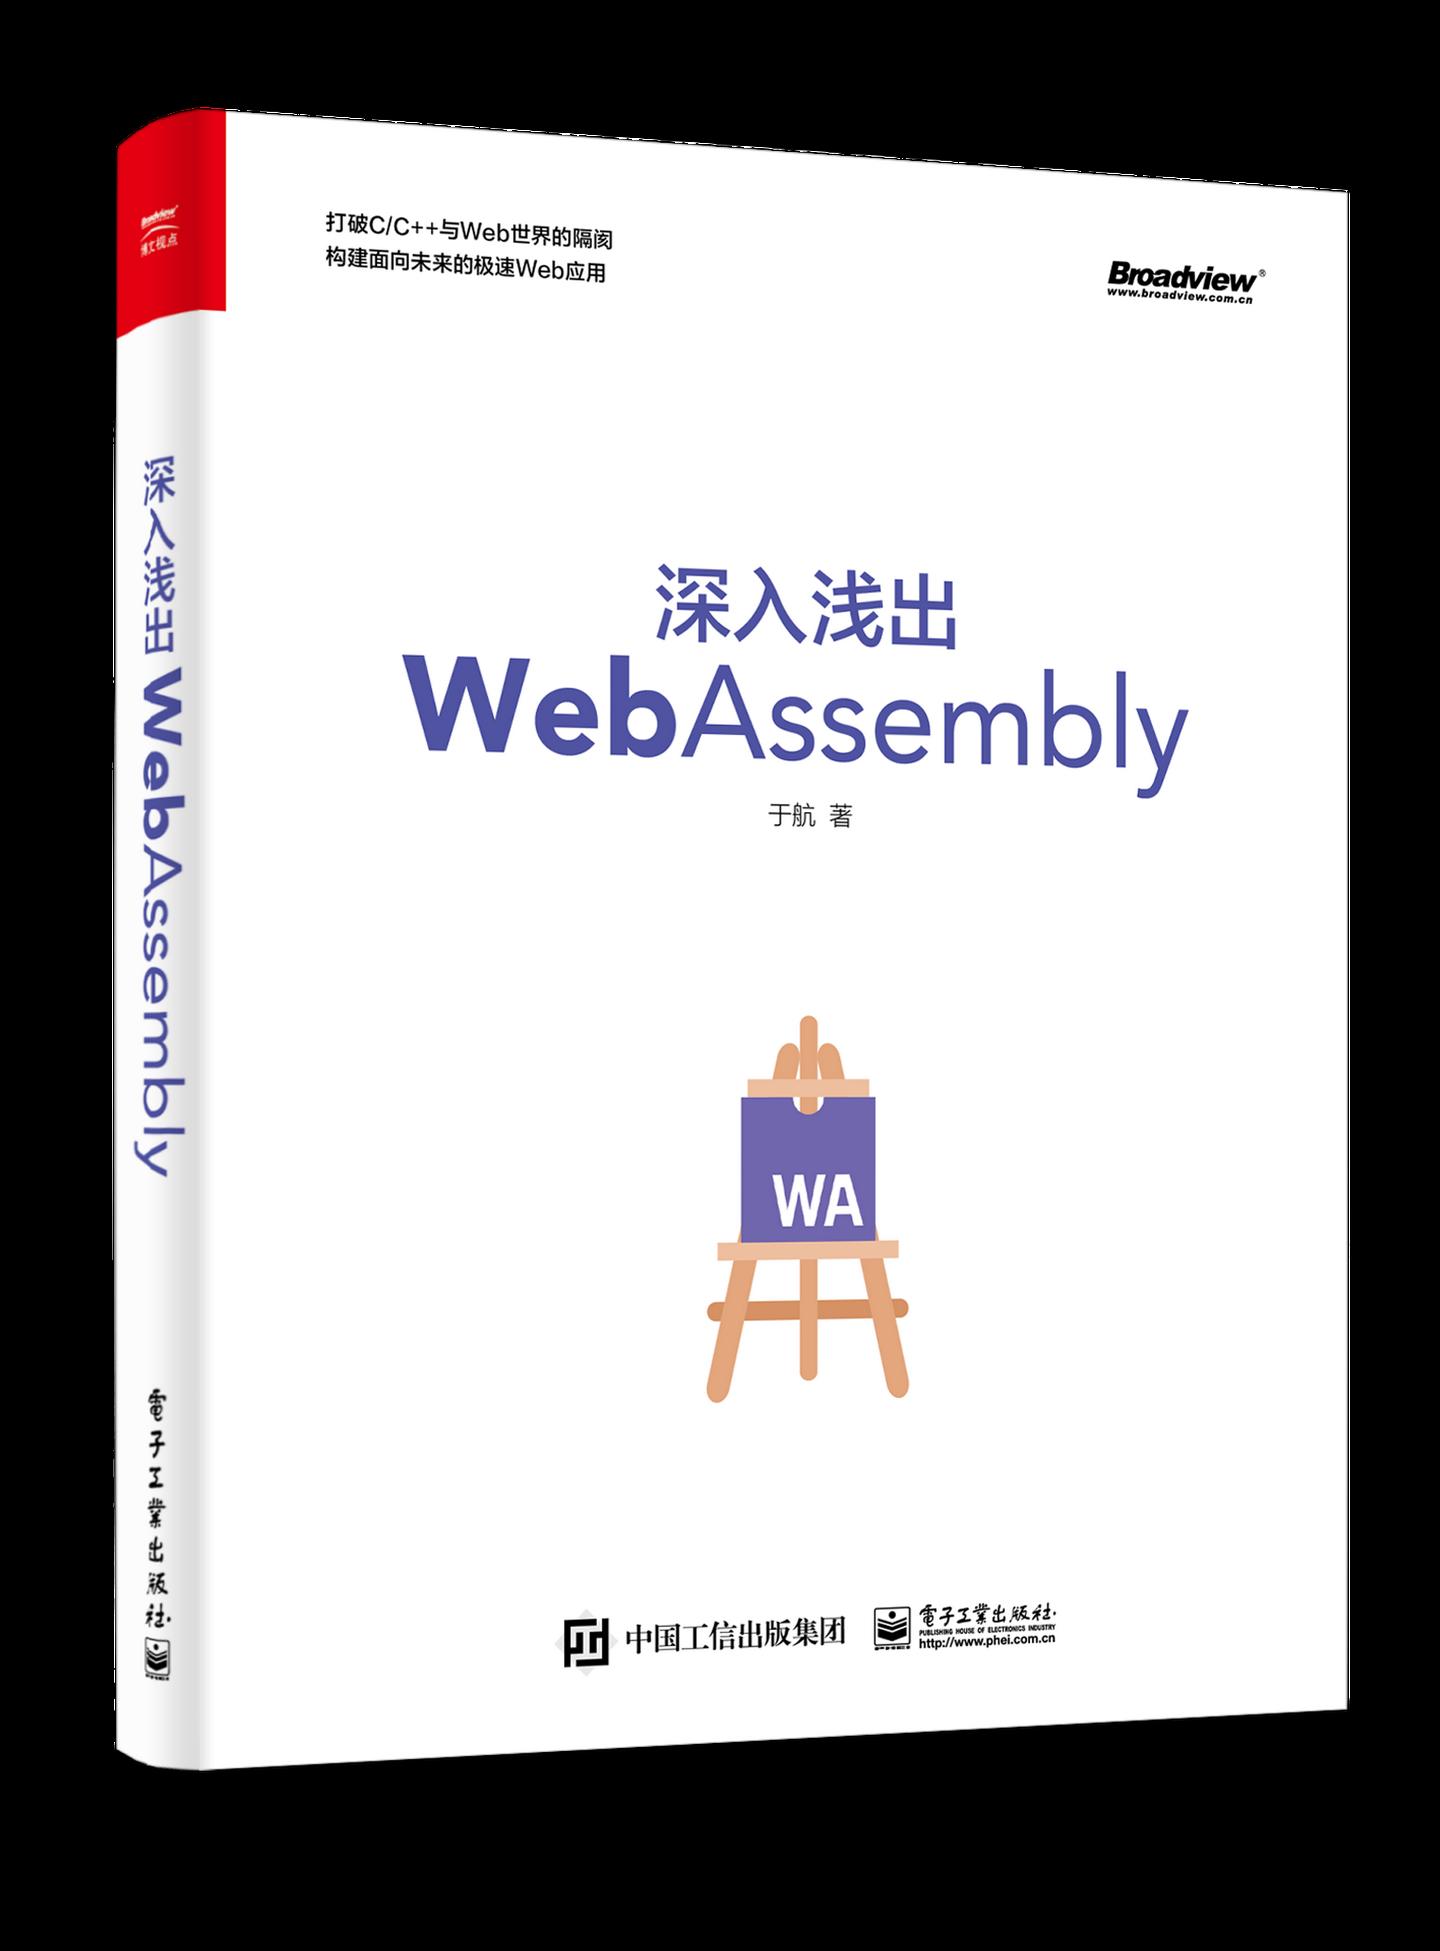 我的新书《深入浅出WebAssembly》出版啦(。・ω・。)ノ